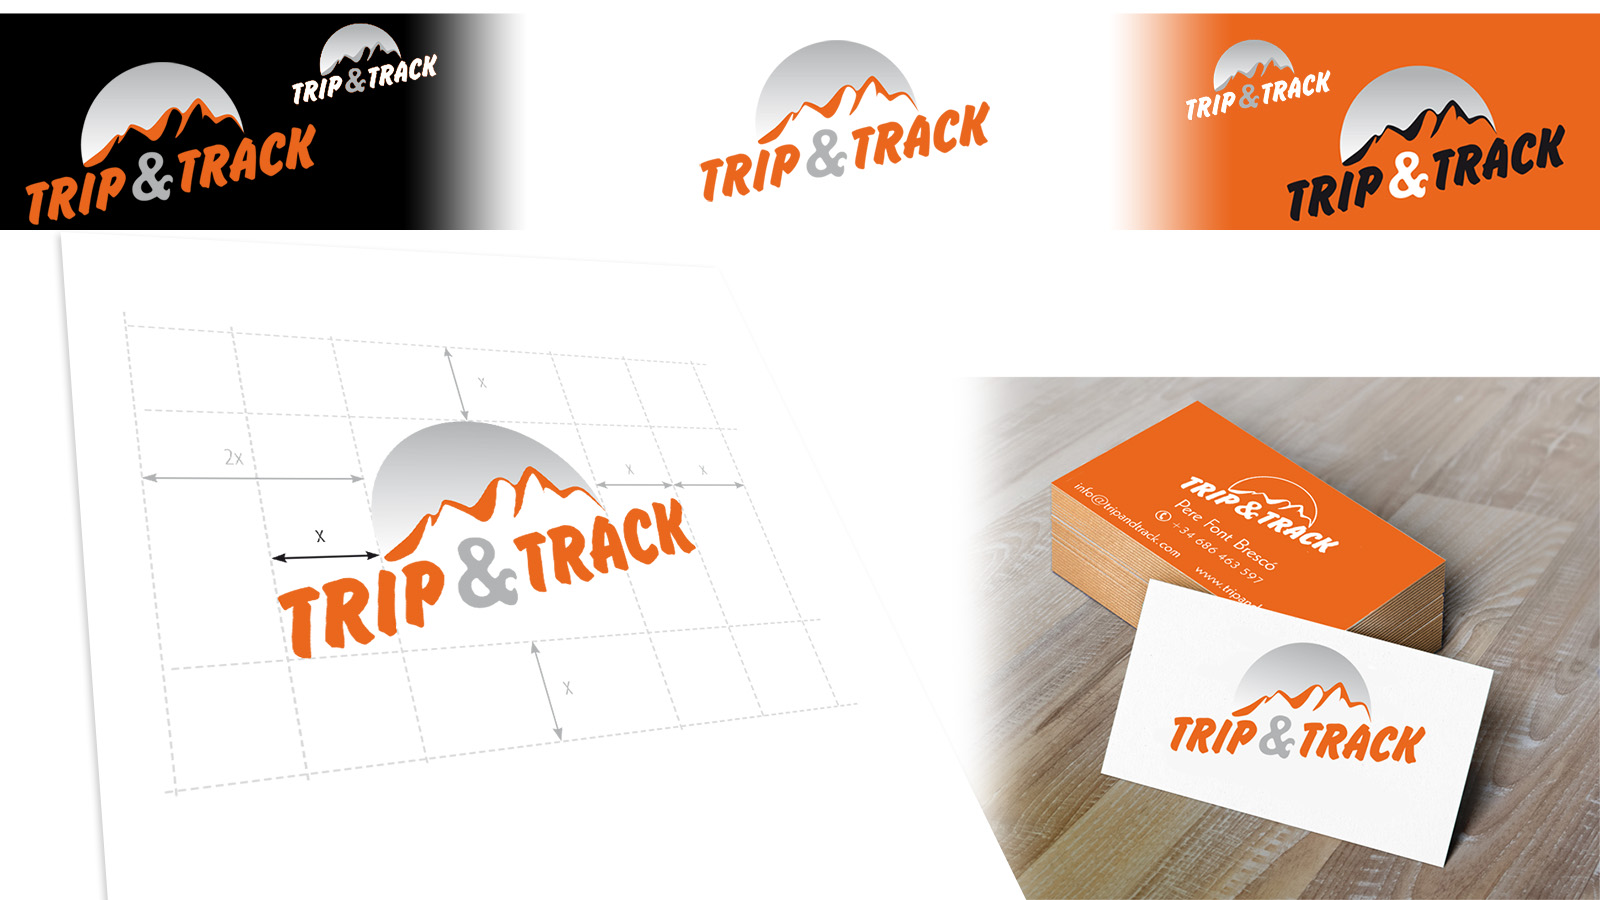 logo-tripandtrack-disenio-inquba